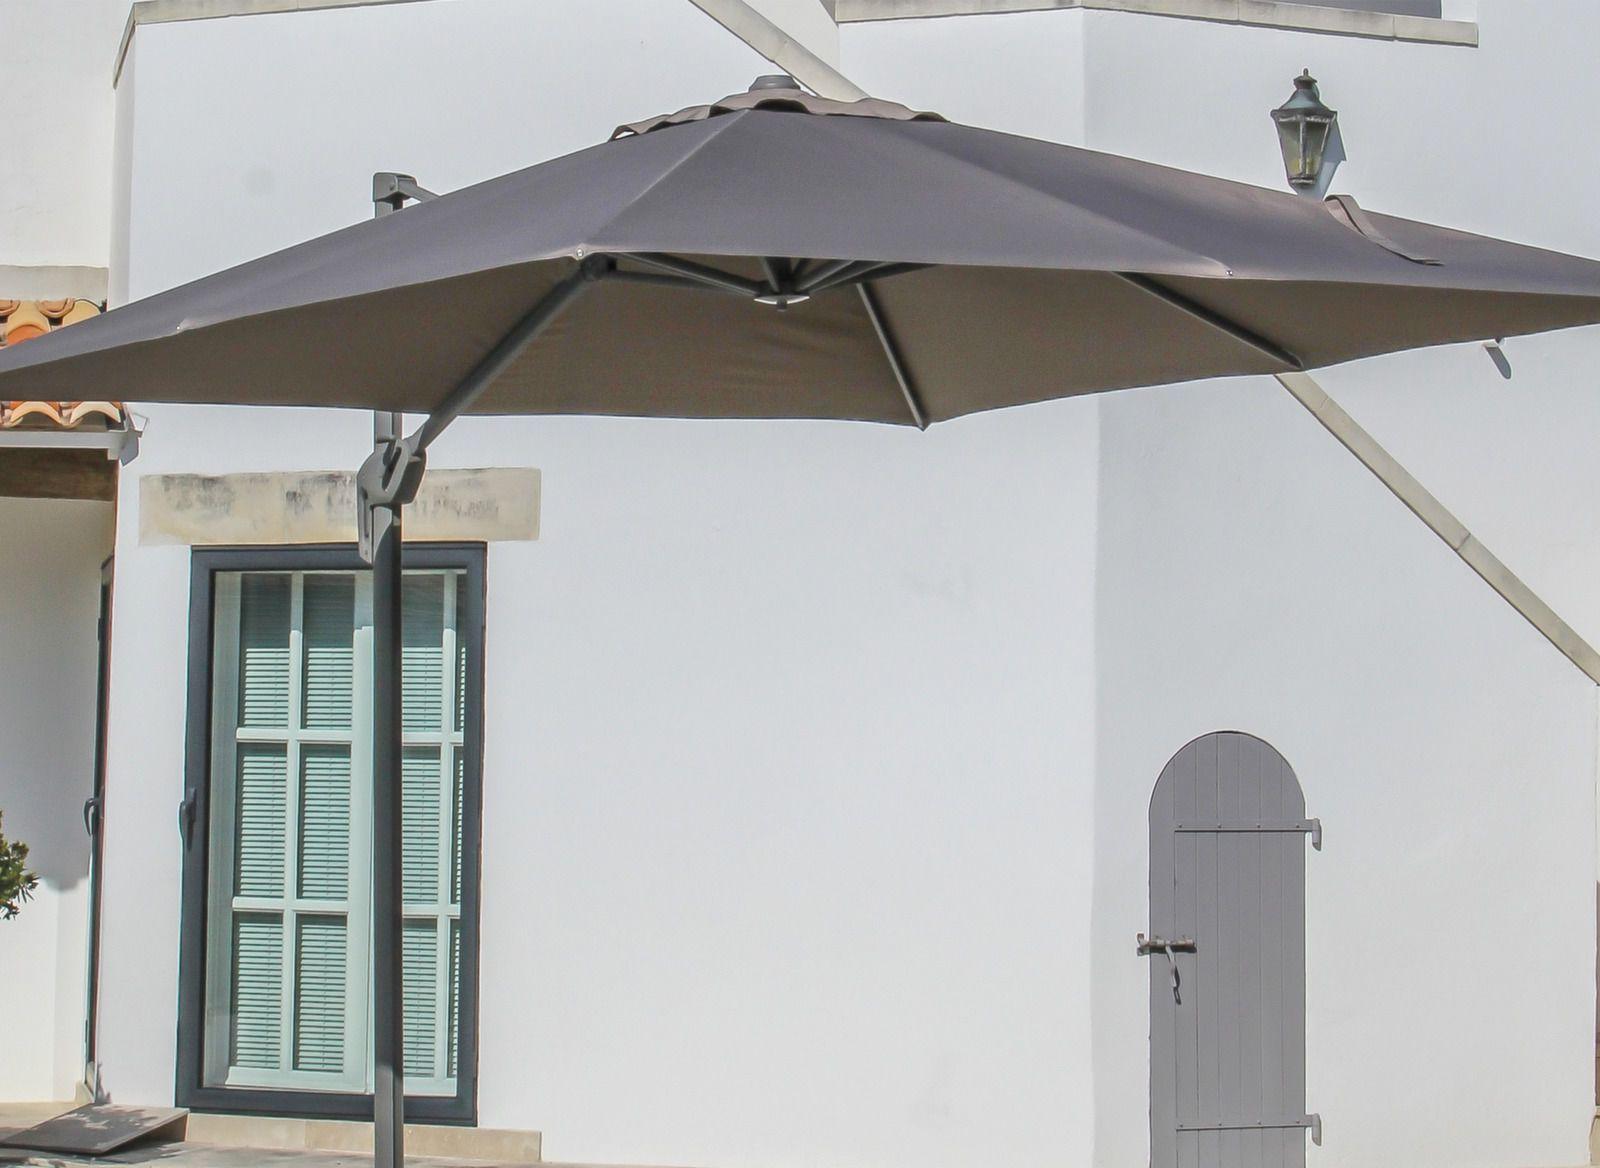 toile de parasol d port carr 3x3m accessoires parasol. Black Bedroom Furniture Sets. Home Design Ideas